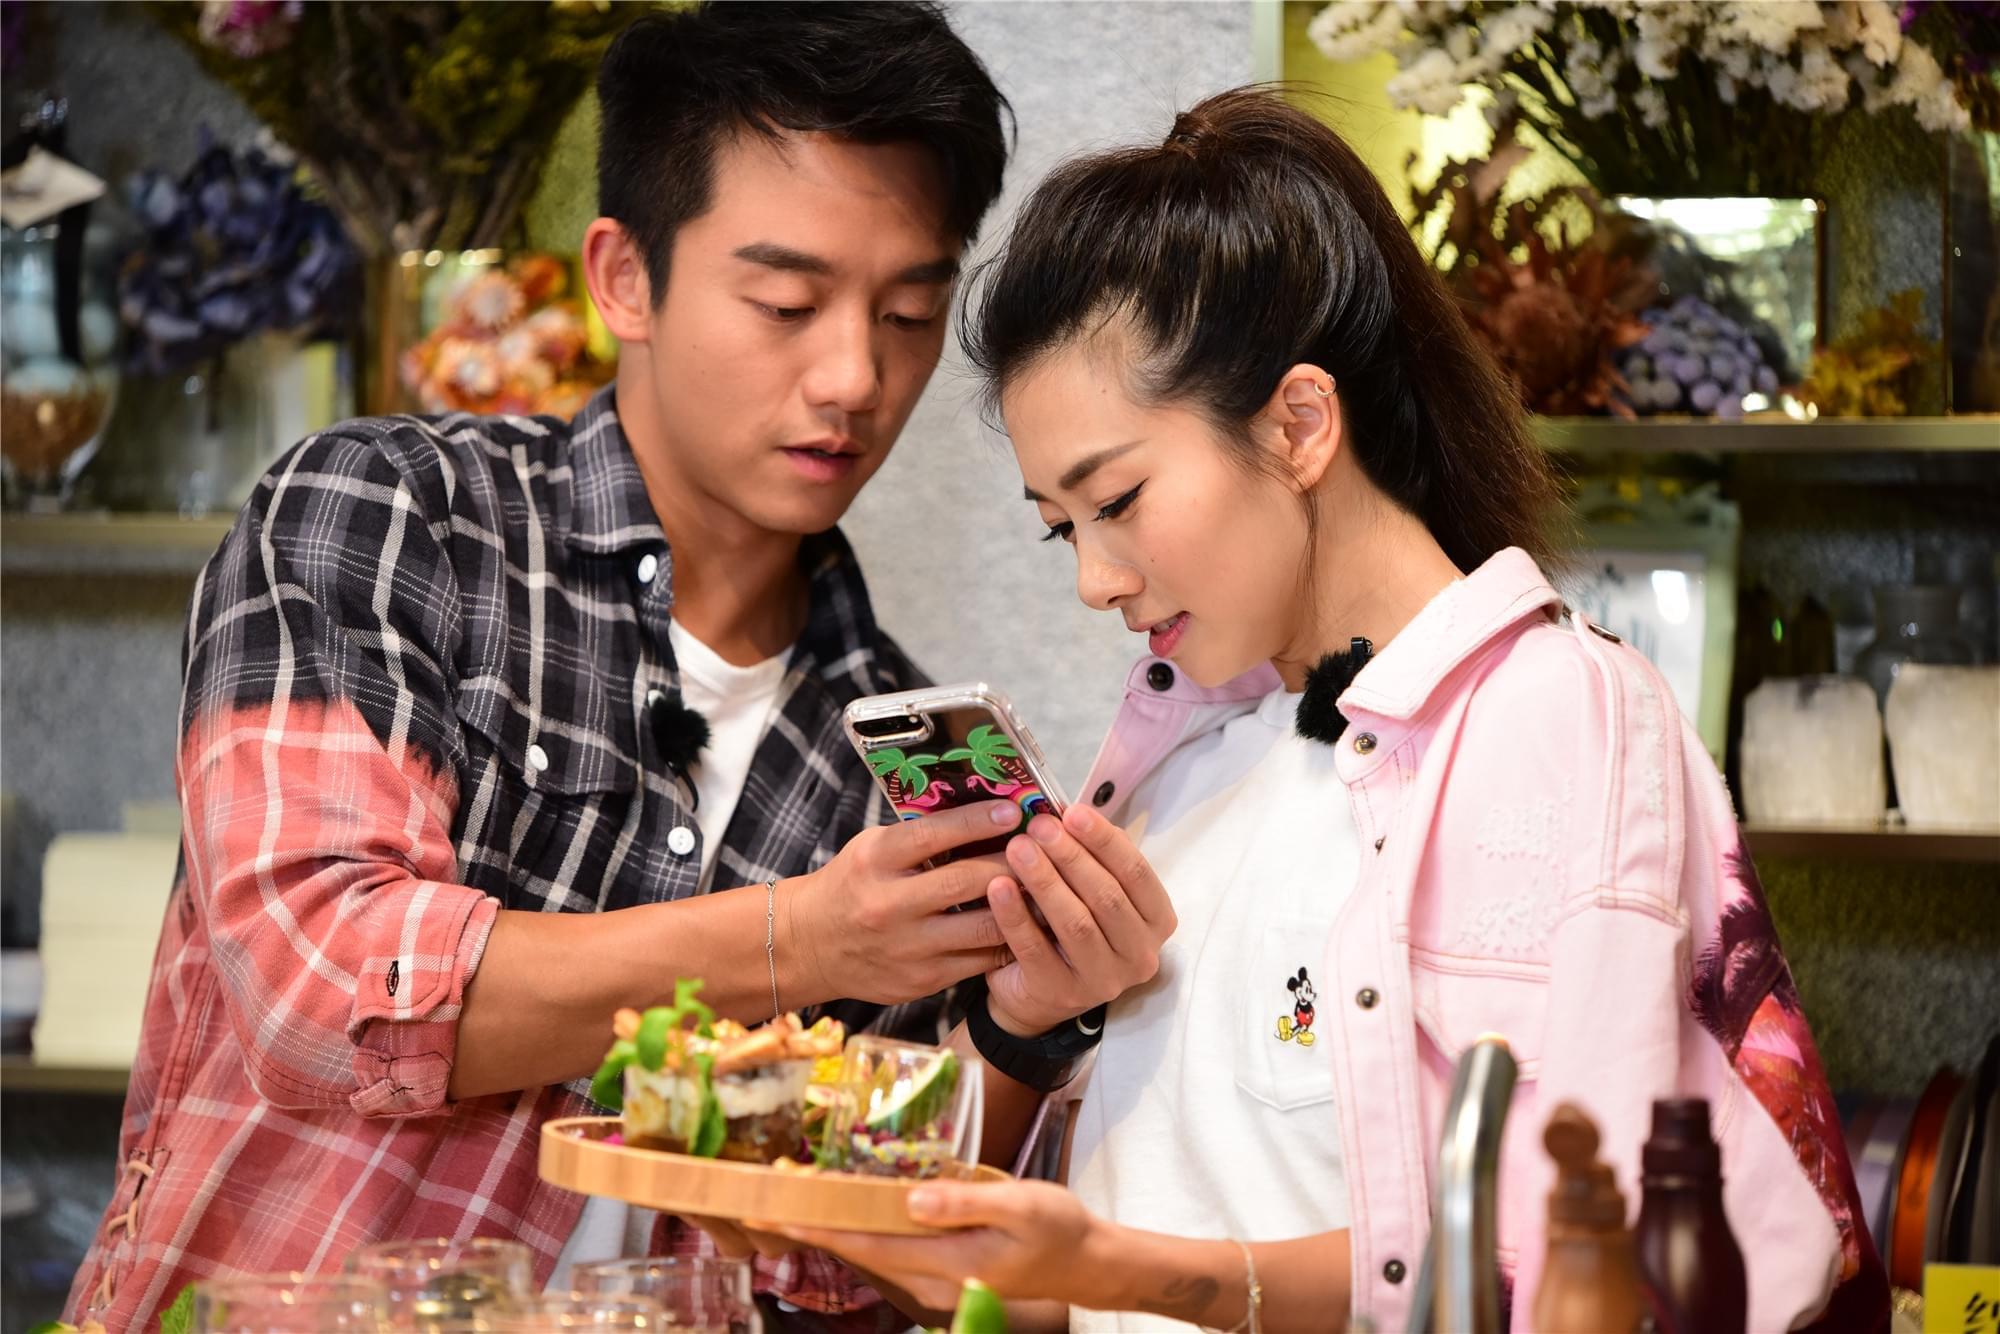 《我们相爱吧》收视上涨 3组CP交替承包热搜